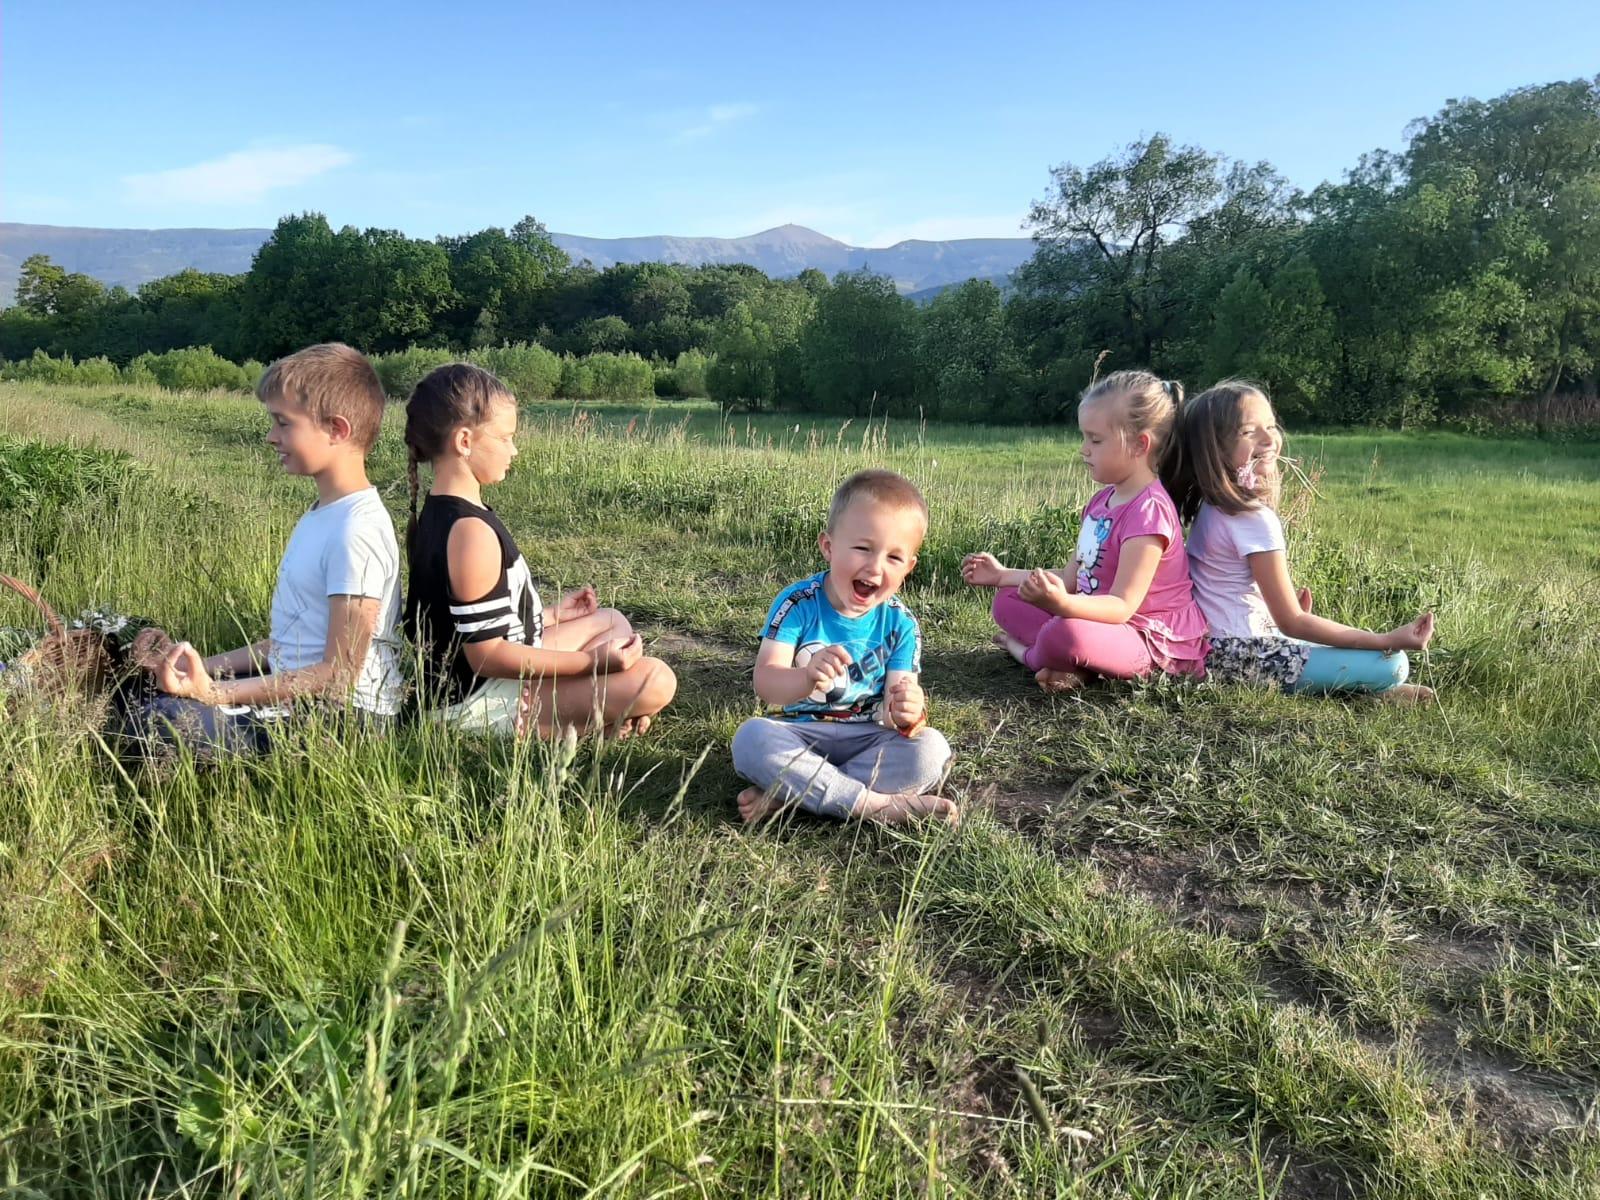 POZNAWANIE NATURY I ŻYWIOŁÓW OCZAMI DZIECKA. Warsztaty edukacyjne przygotowane specjalnie dla najmłodszych w dniach 11-13 oraz 25-27 sierpnia 2020 roku w okolicach Karkonoszy.